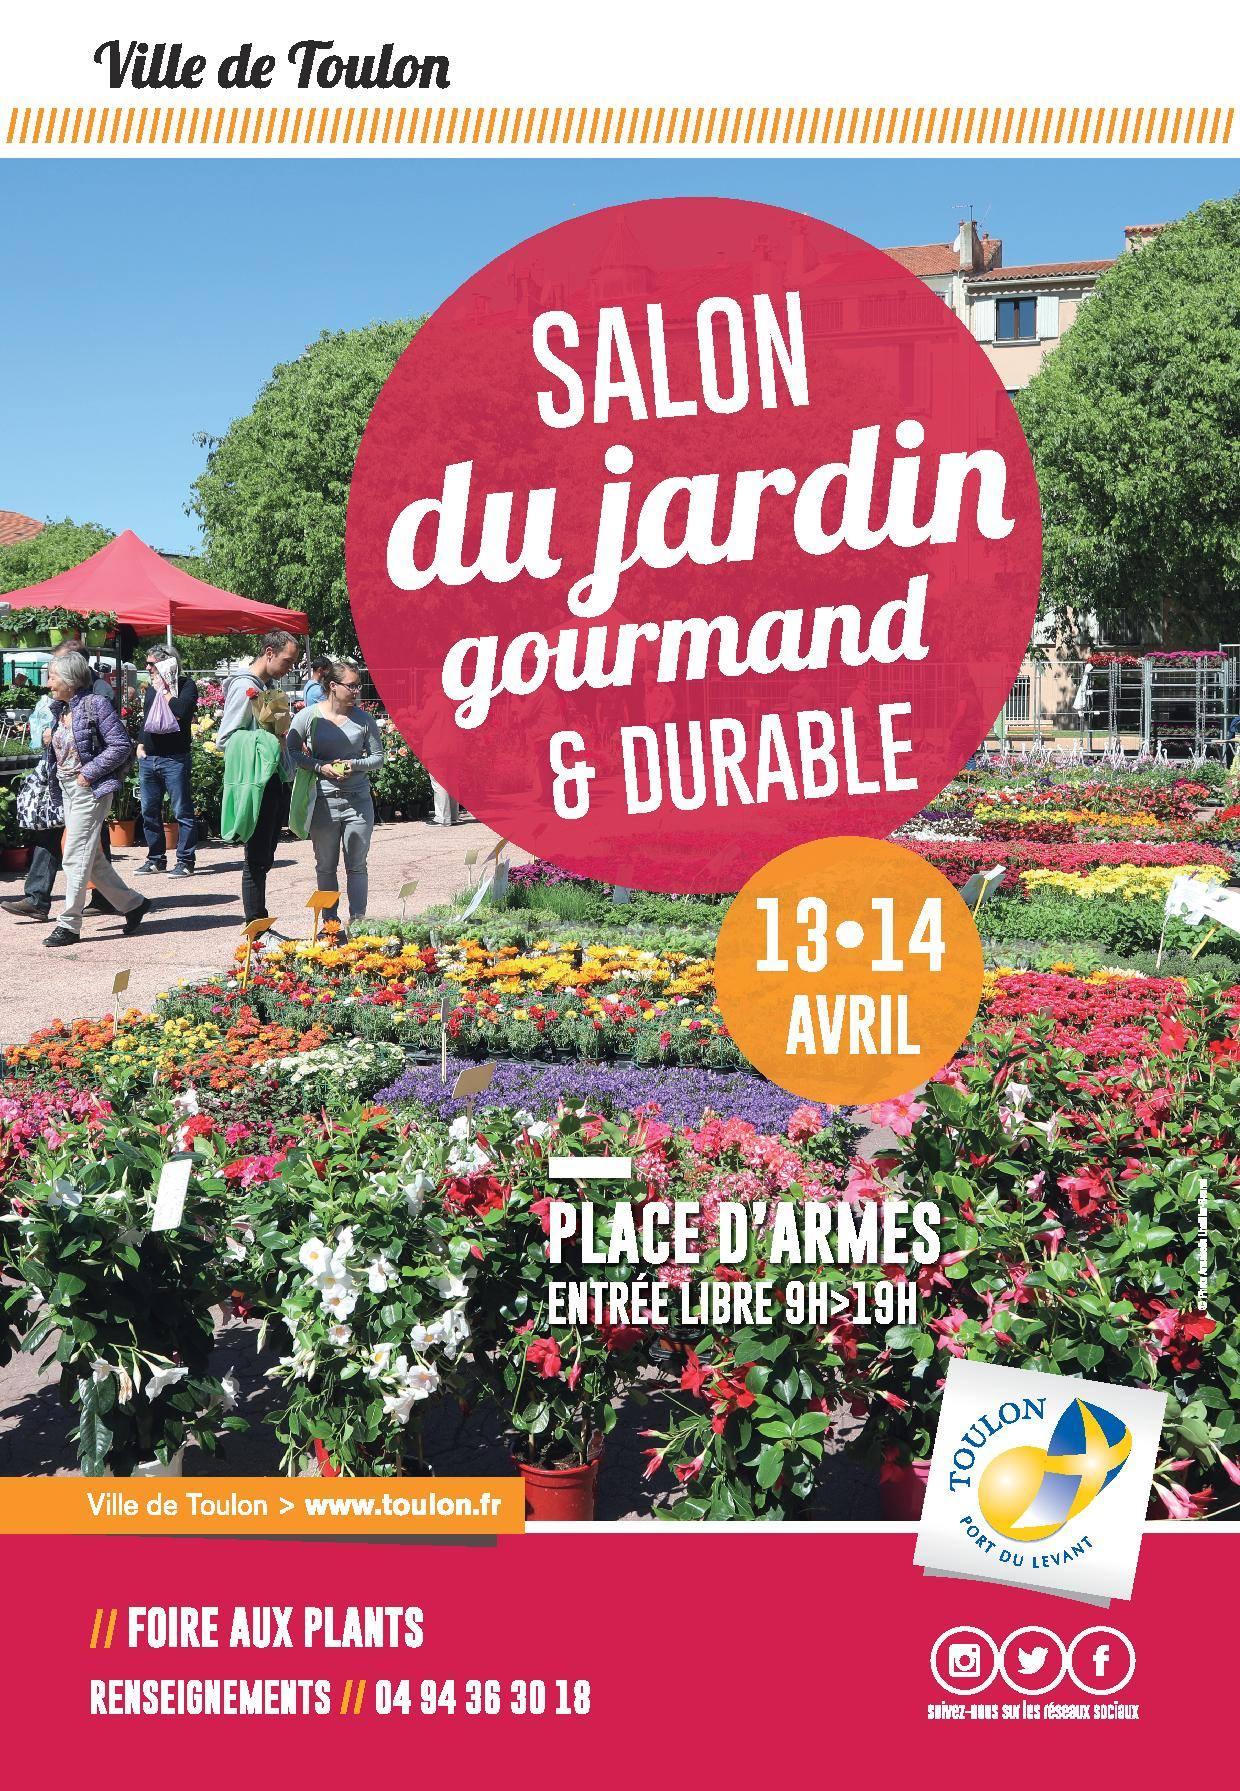 Salon du Jardin Gourmand et Durable à Toulon les 13 et 14 avril